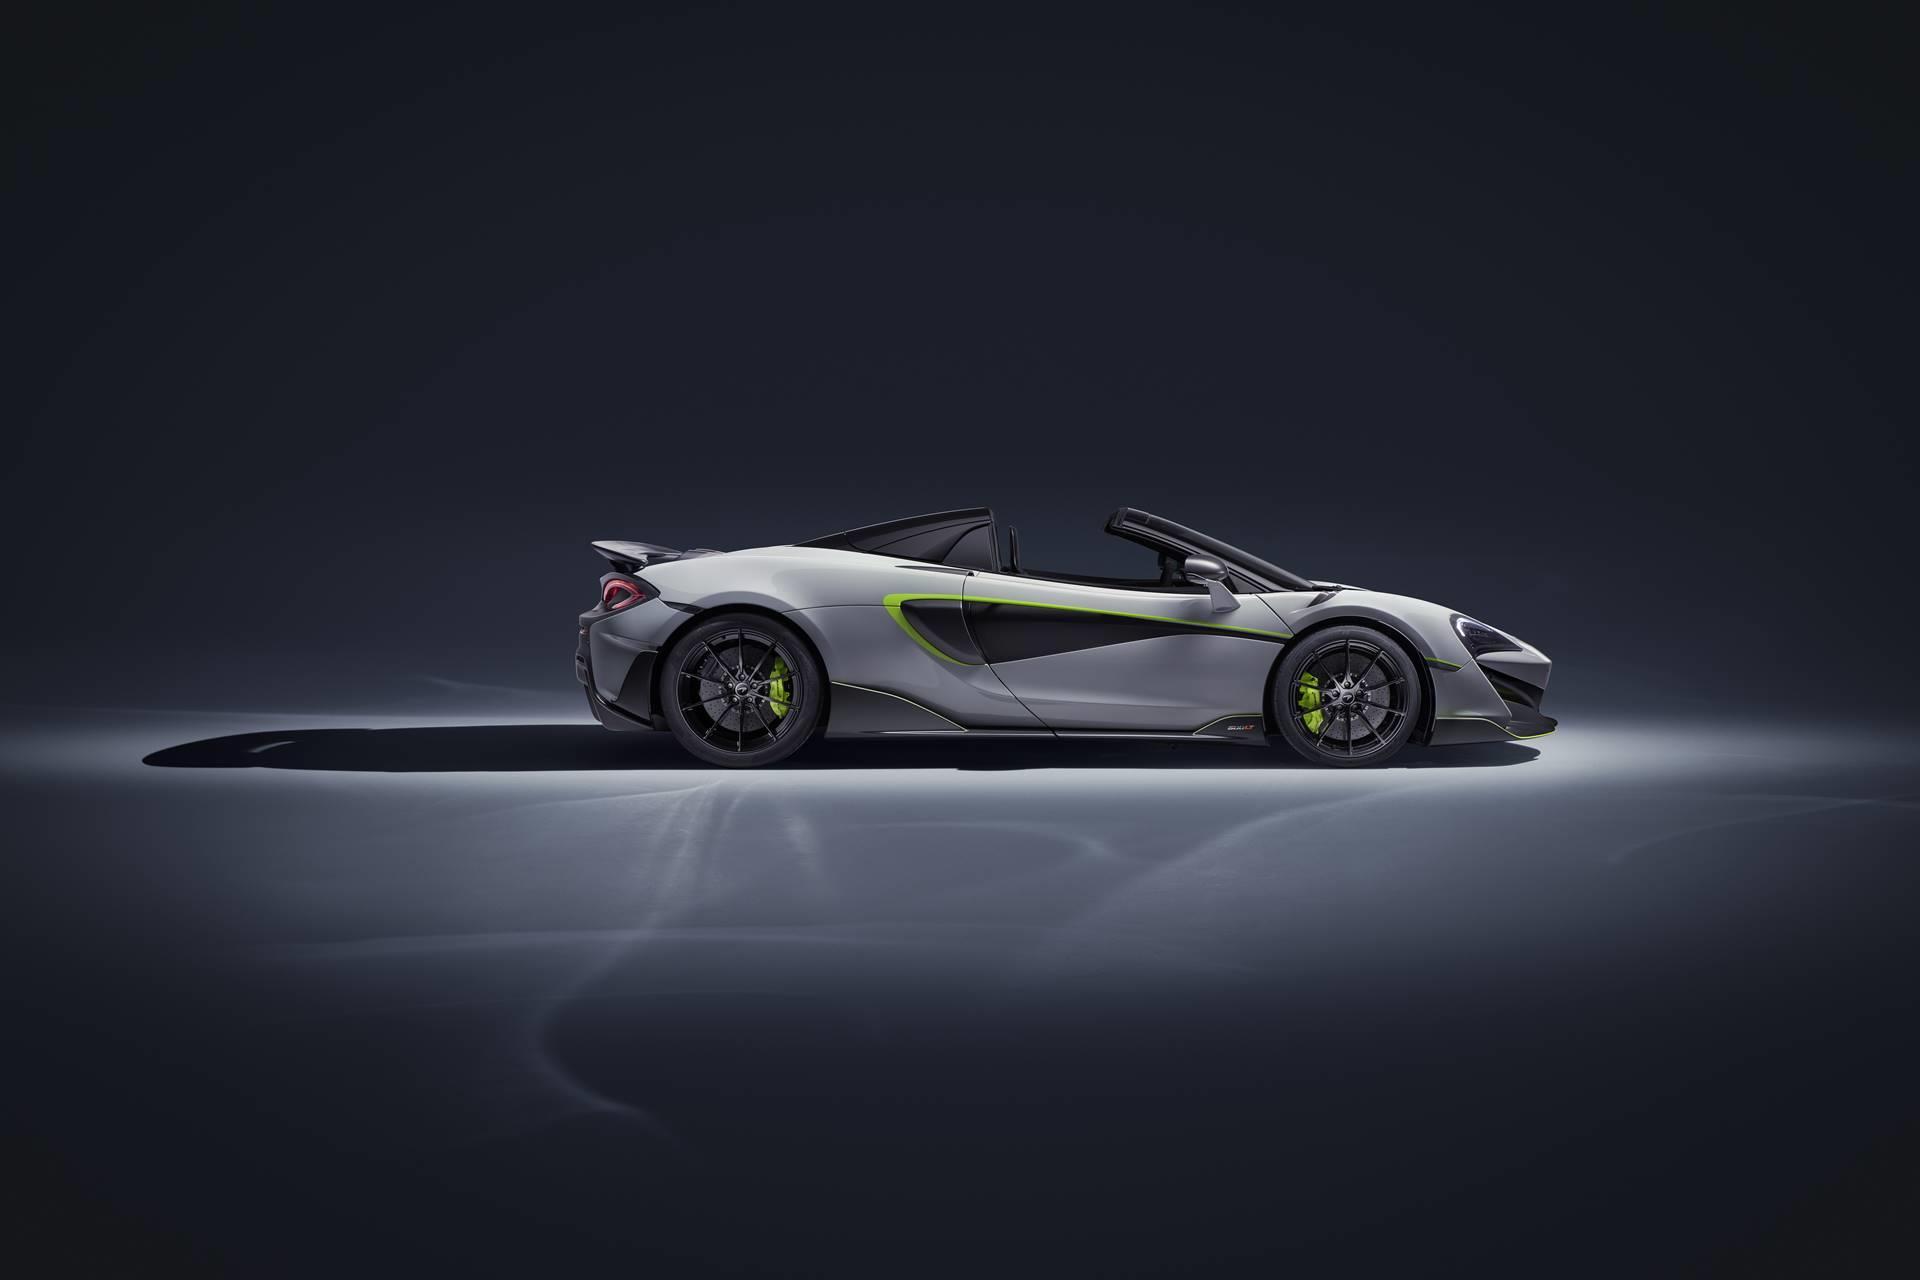 2019 McLaren 600LT Spider by MSO